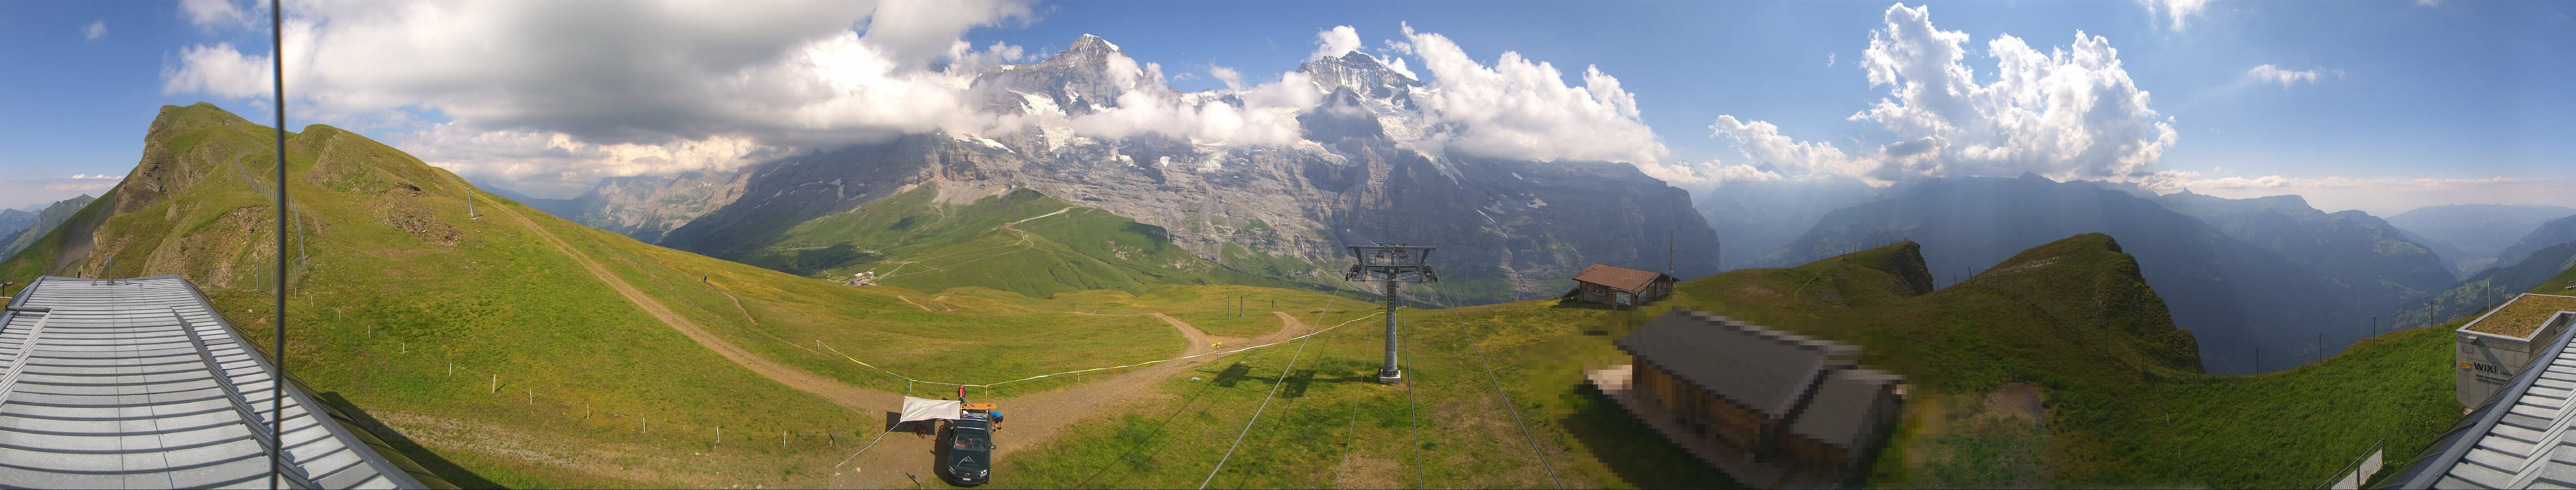 Grindelwald: Jungfraubahnen - Lauberhorn